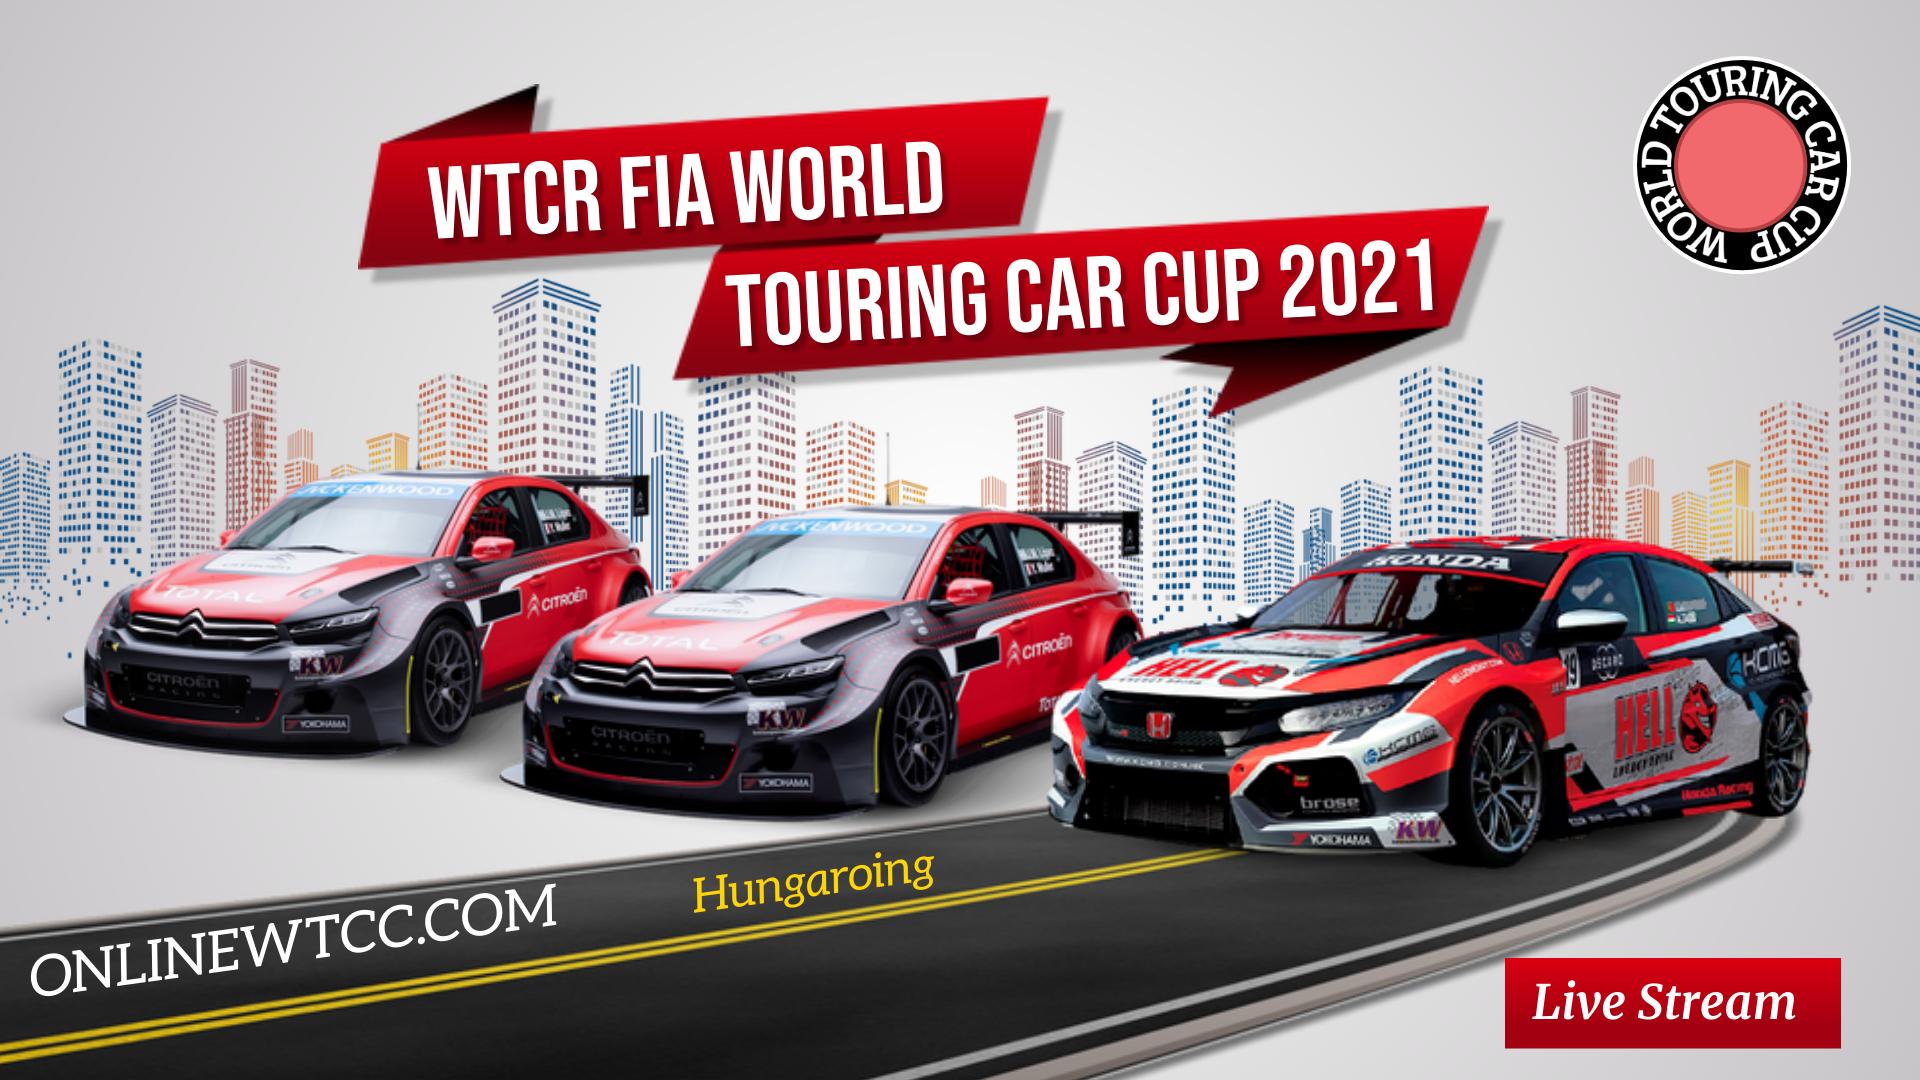 Hungary WTCR 2021 Live Stream | Round 9